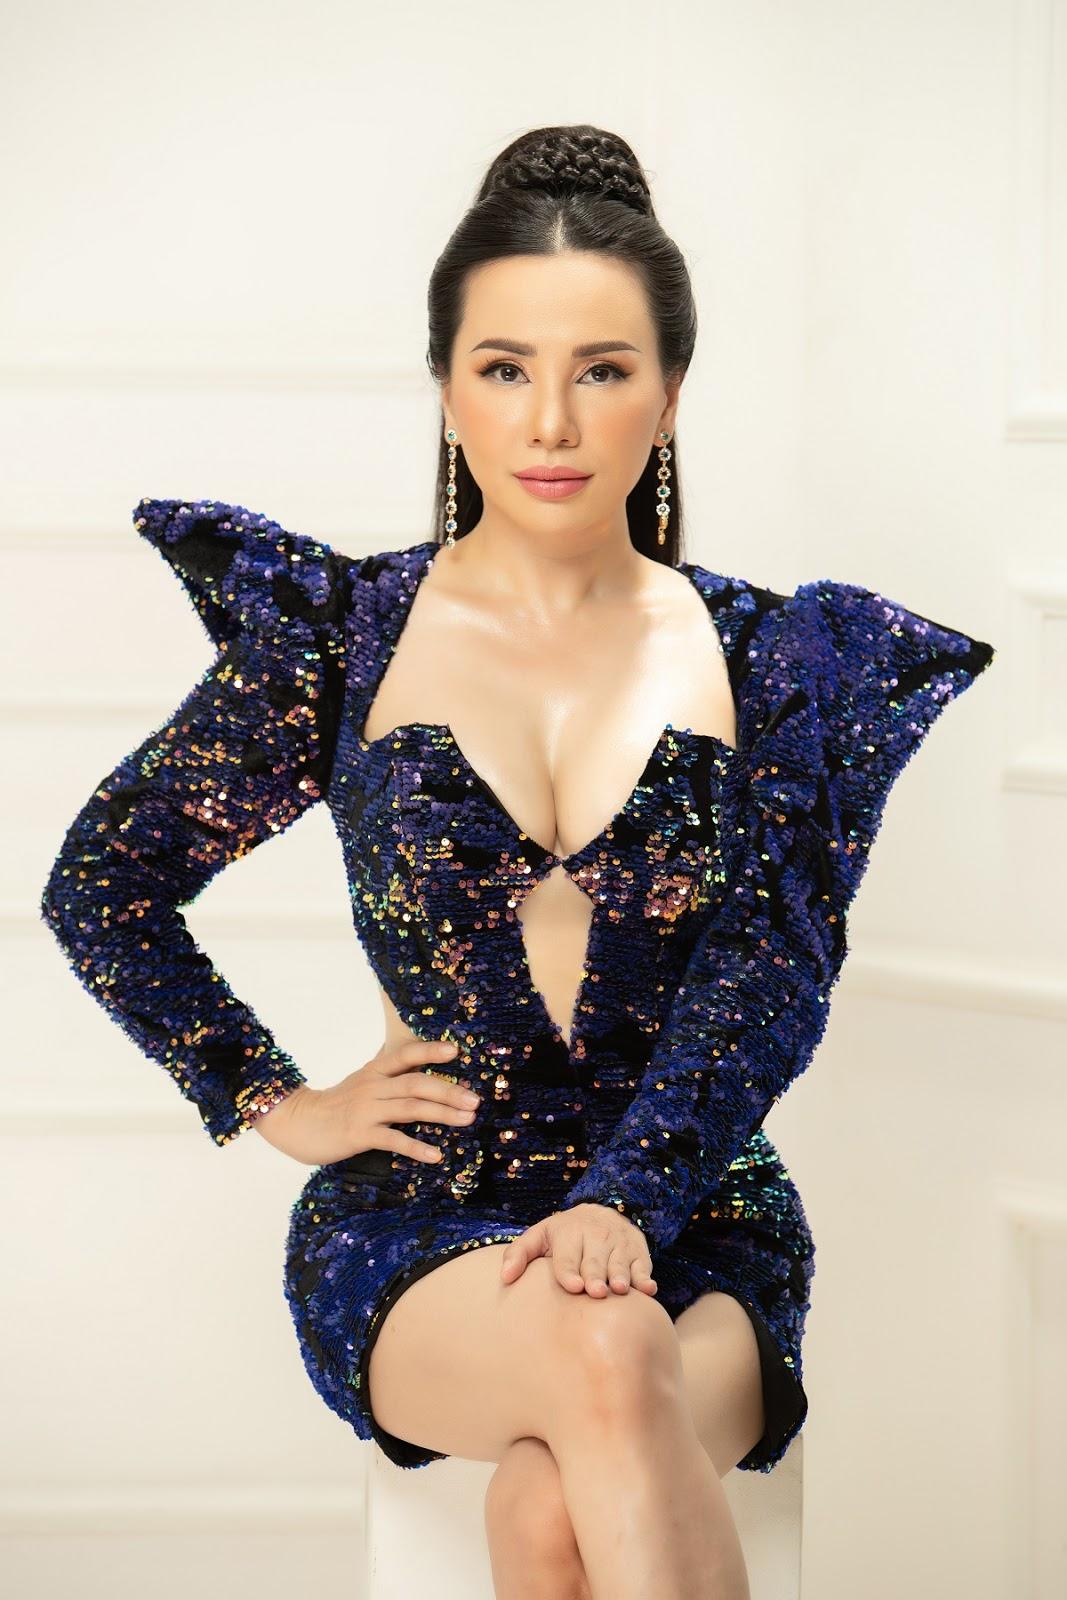 Hoa hậu Châu Ngọc Bích trở lại đầy mới mẻ với vị trí Giám khảo Vietnam Golf Queen 2020 - Hình 3